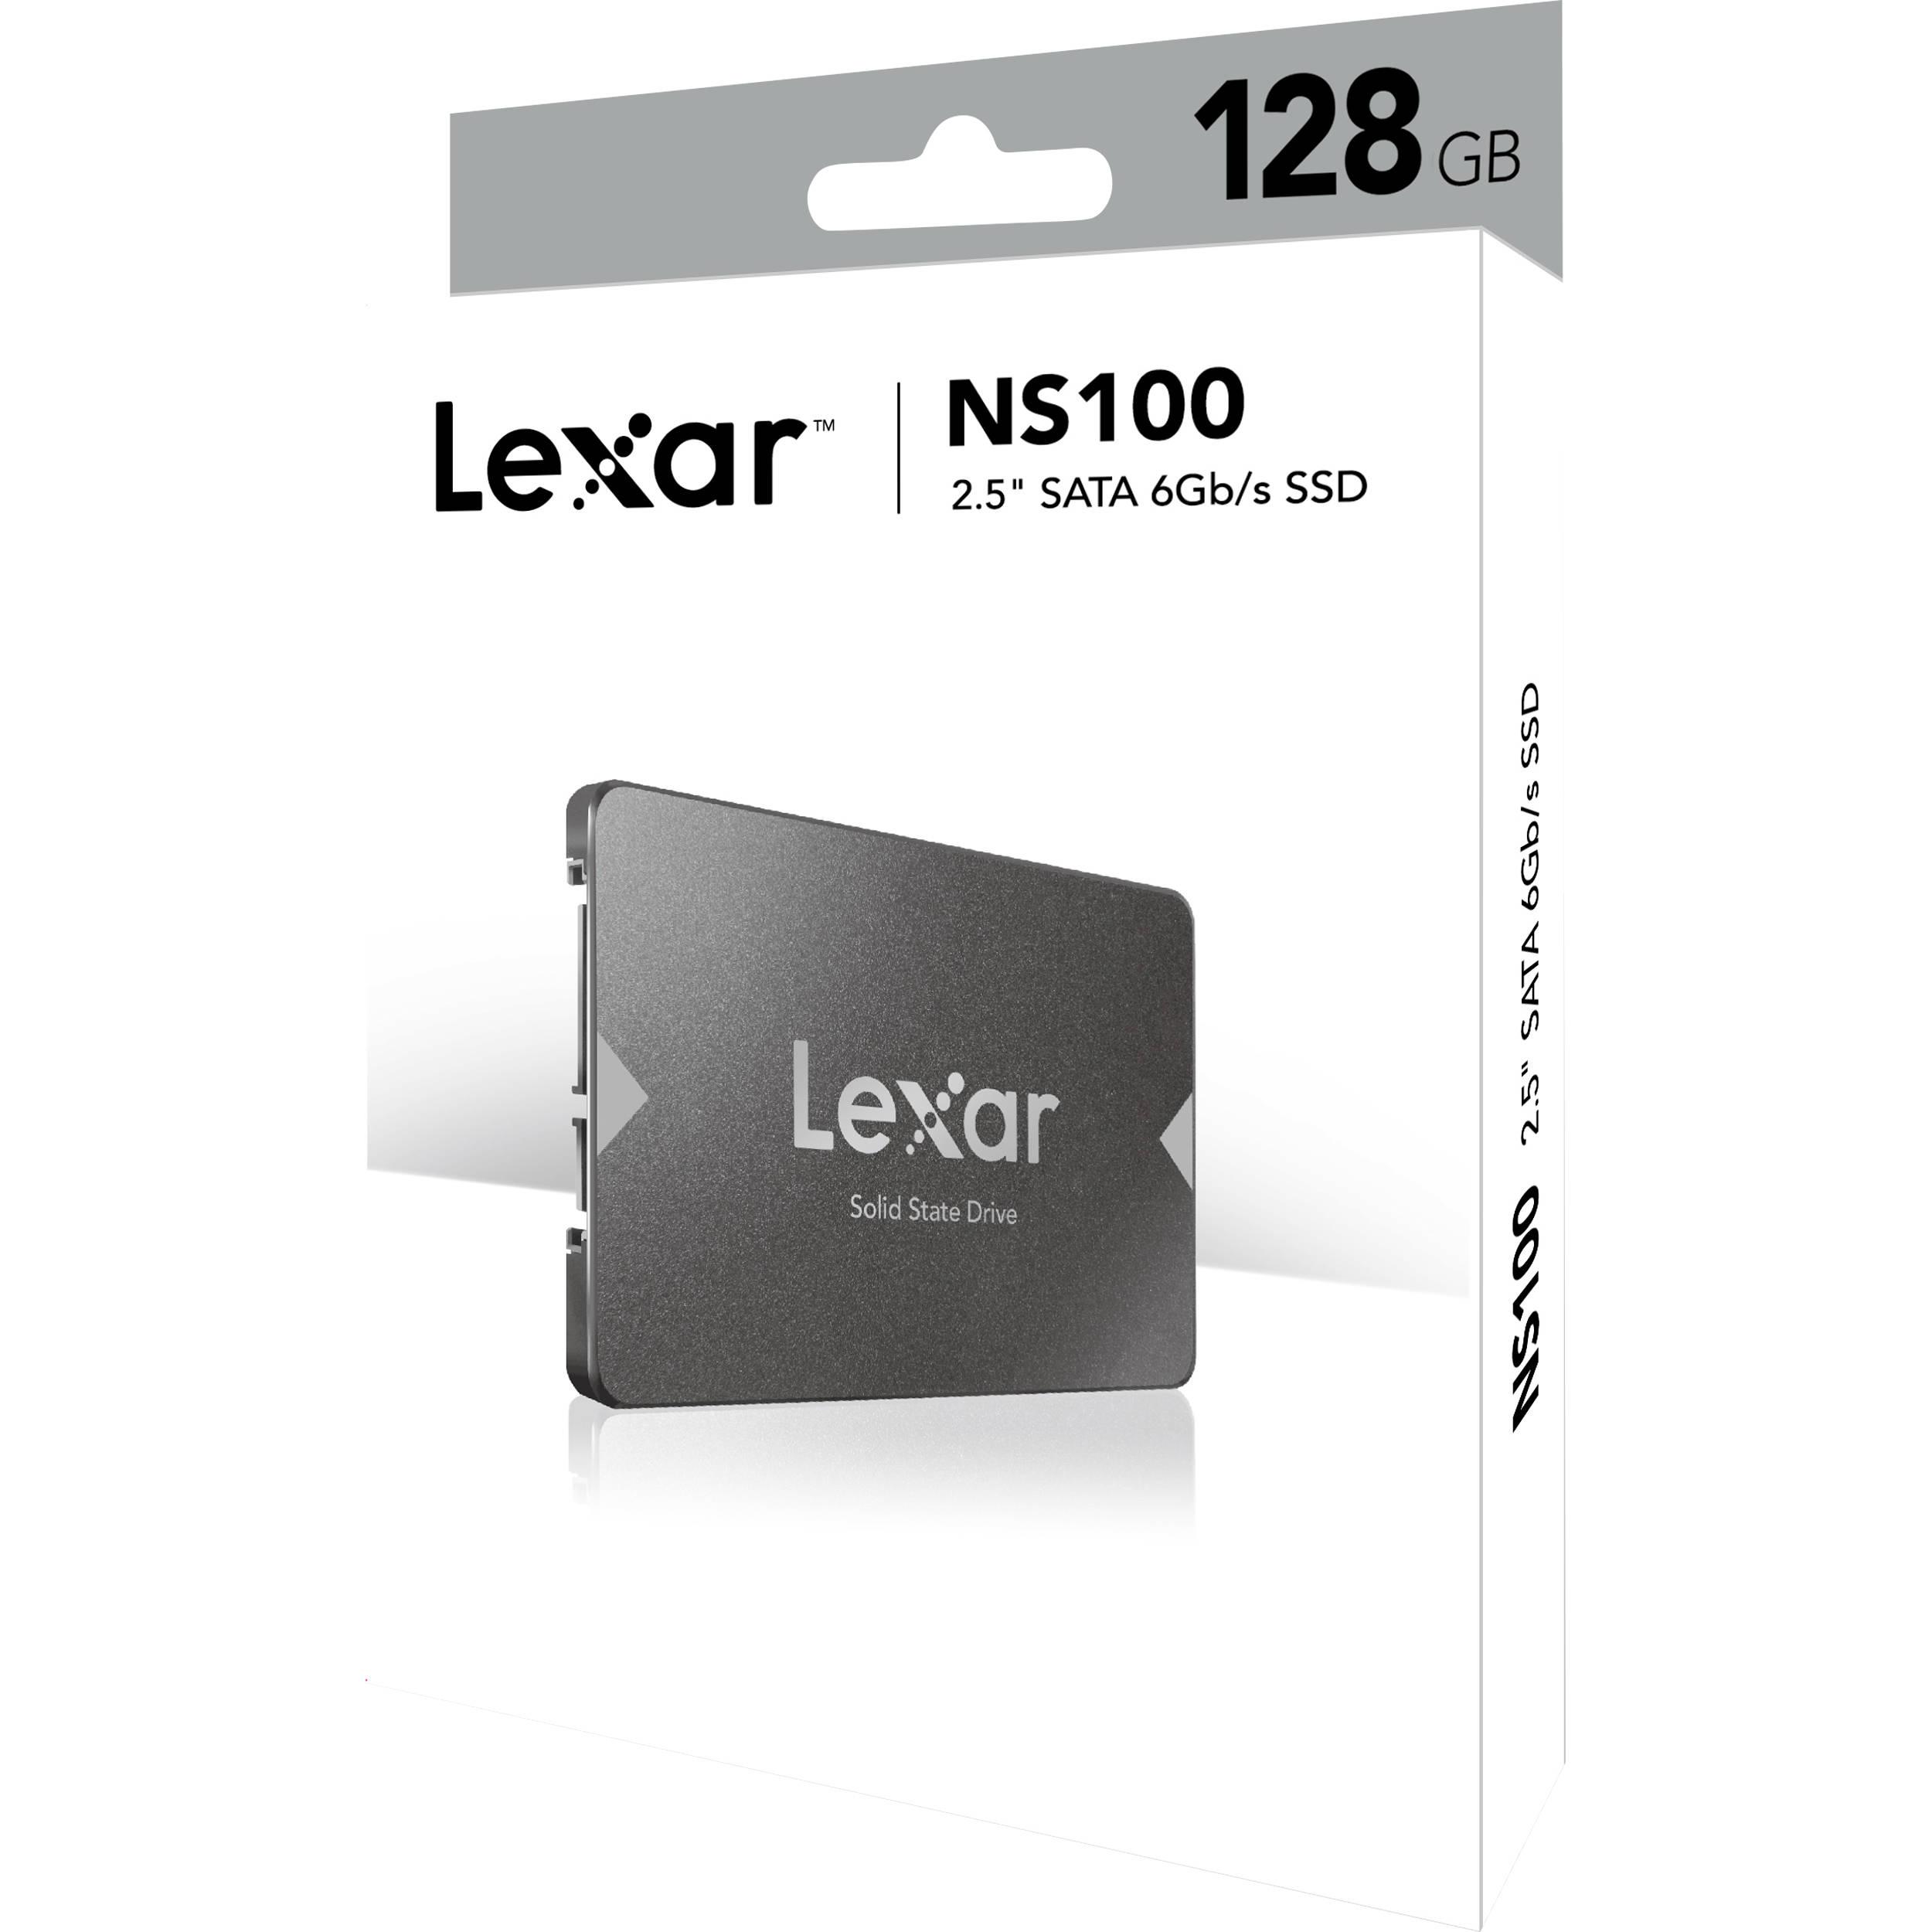 """Lexar NS100 2.5"""" SATA III (6GB/S) 128GB Solid-State Drive"""